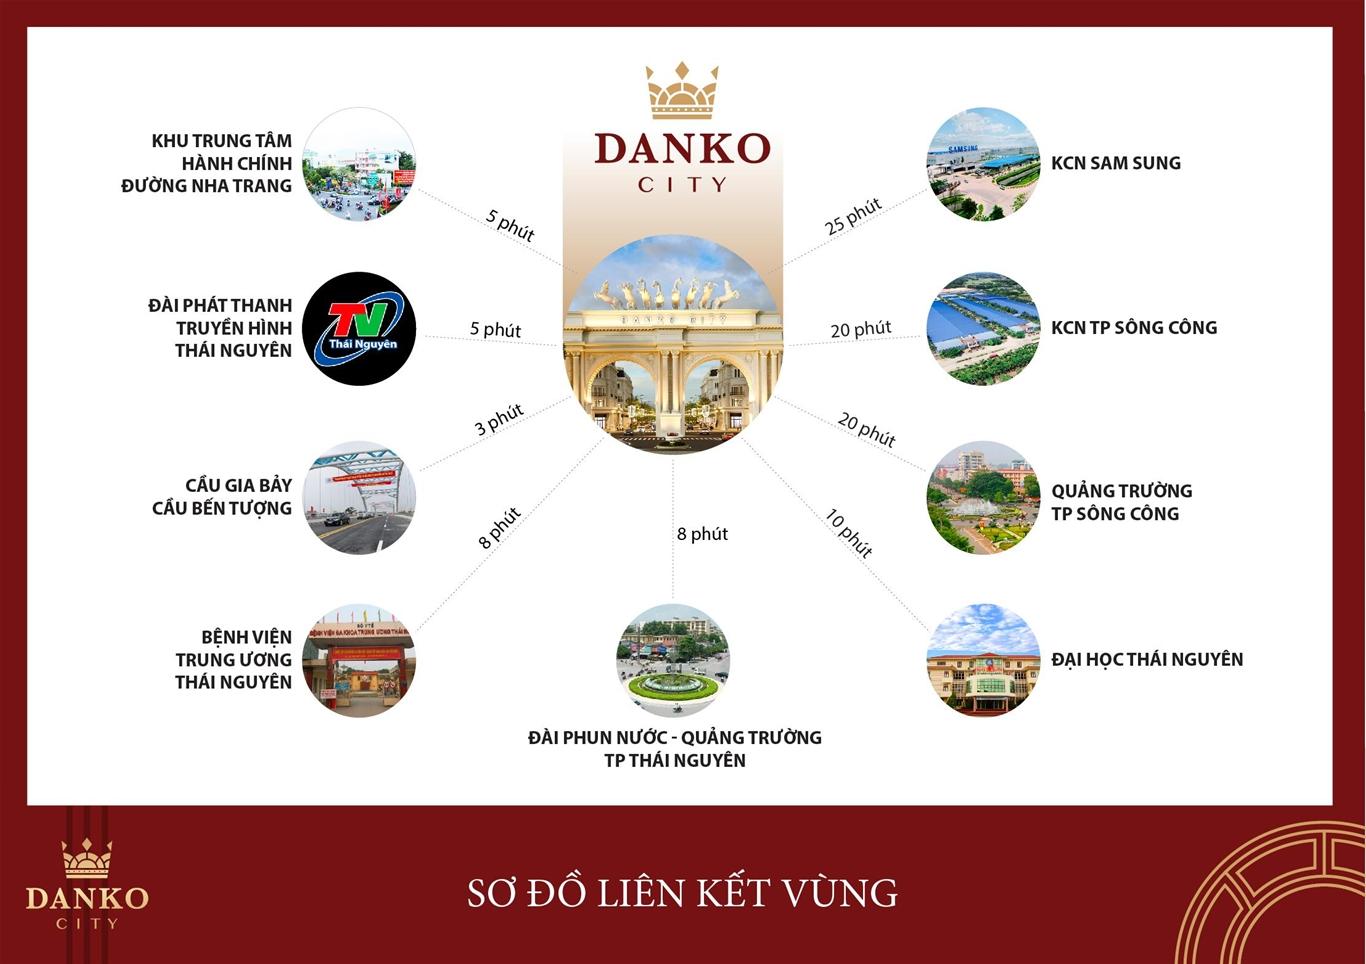 liên kết vùng dự án danko city